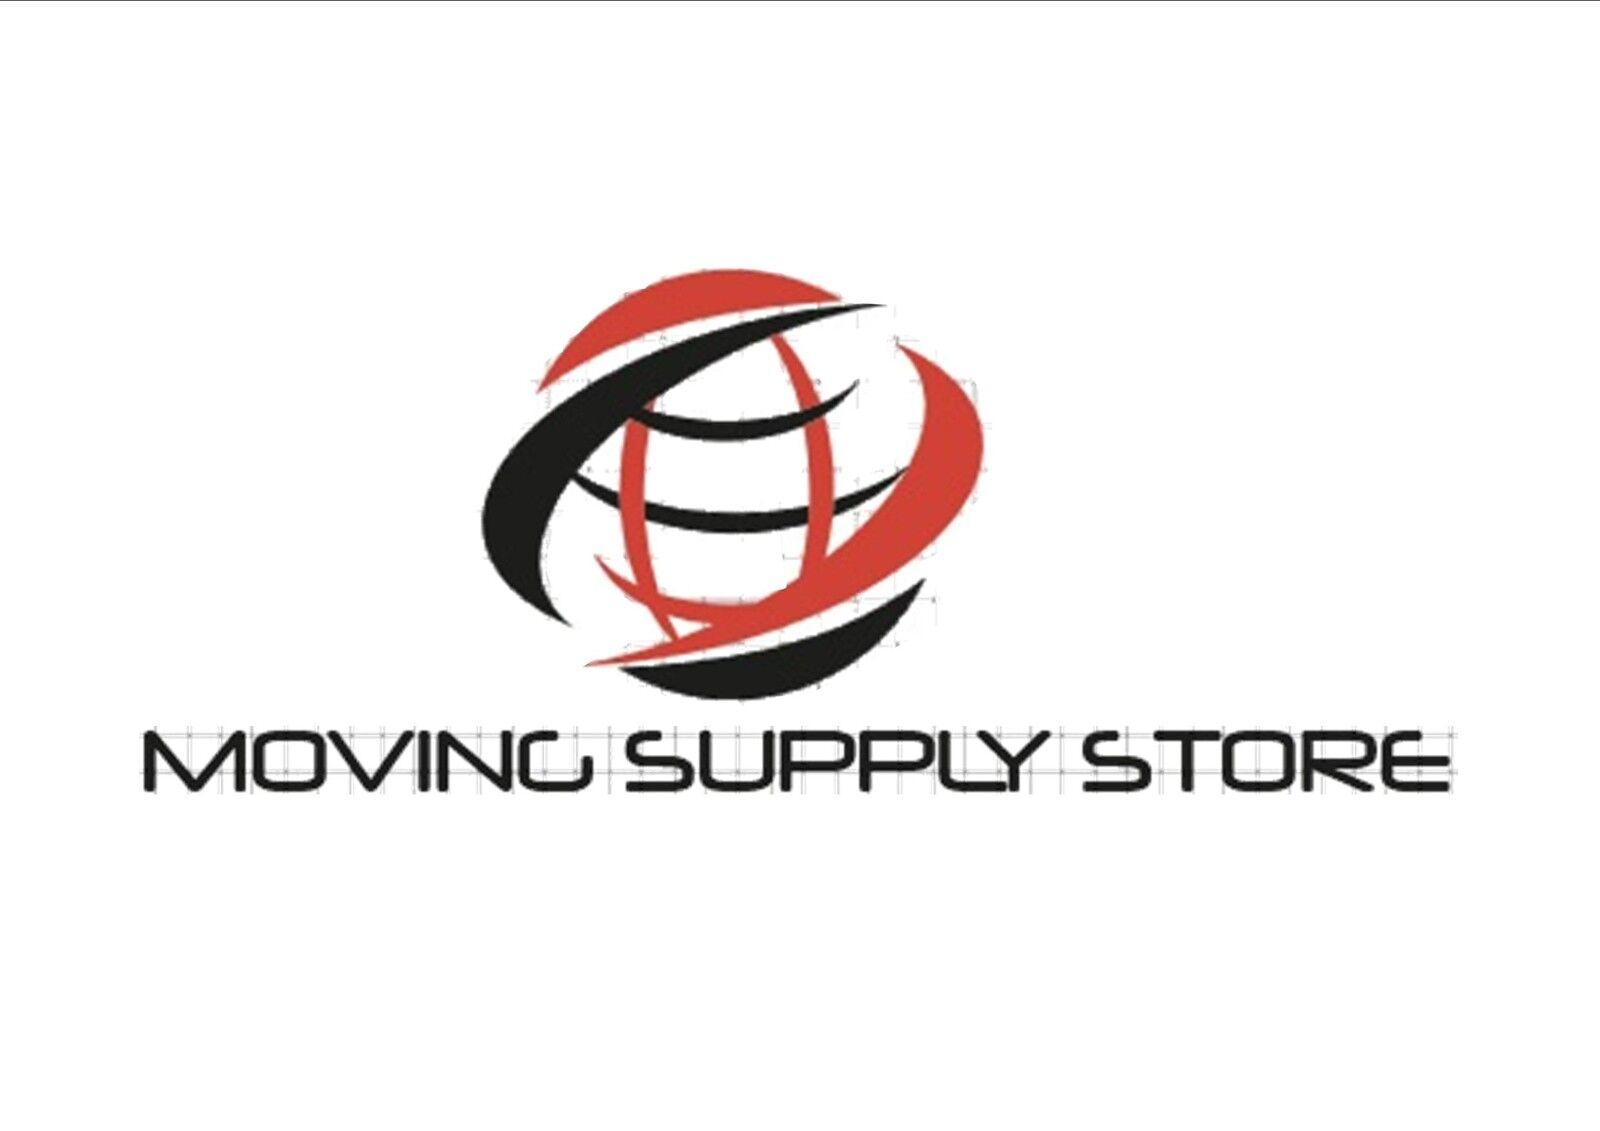 movingsupplystore